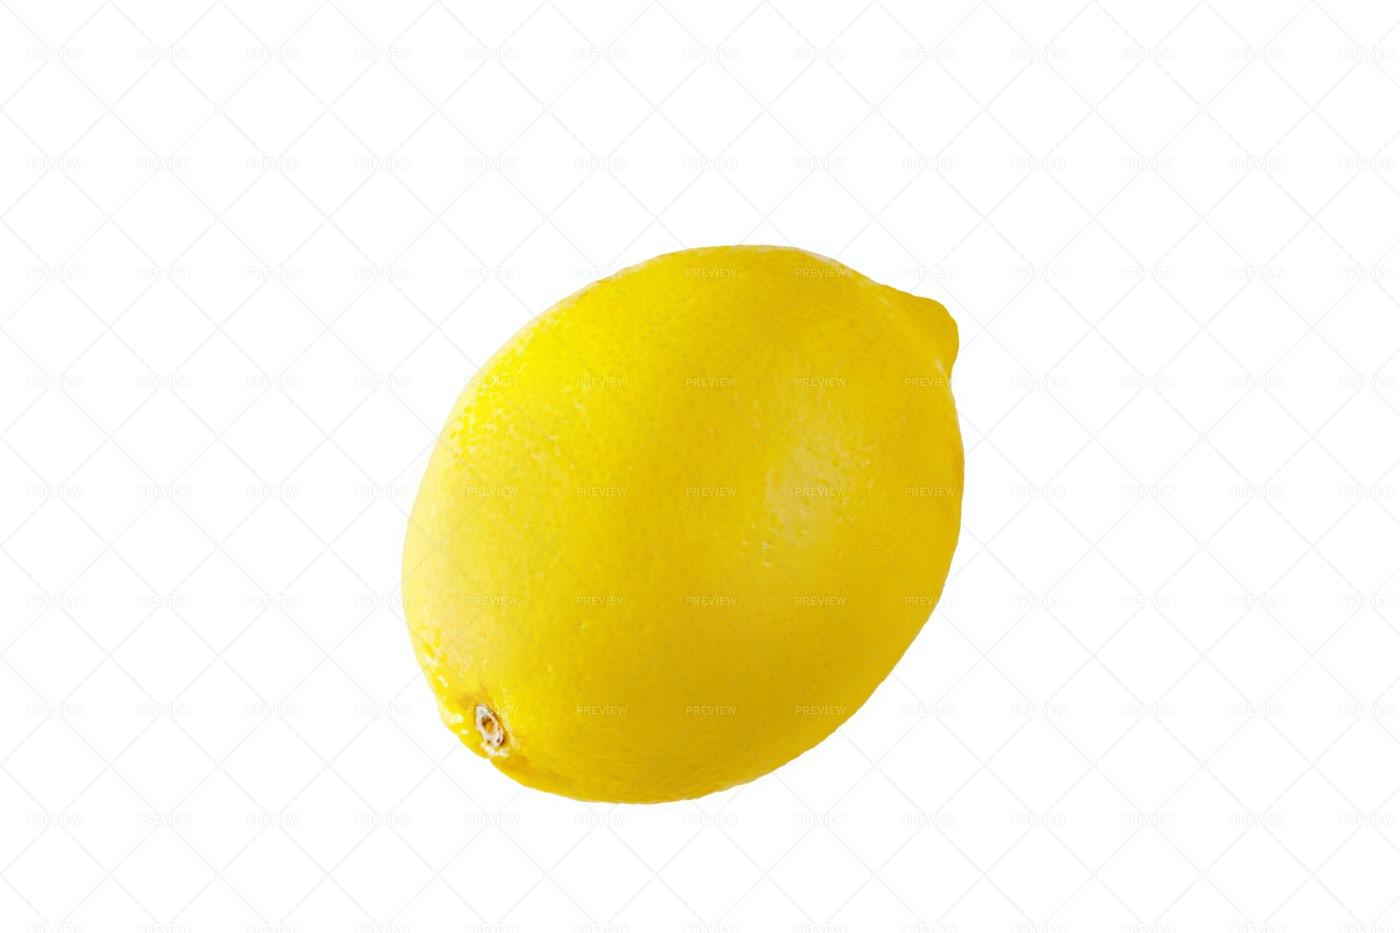 Ripe Lemon On White: Stock Photos